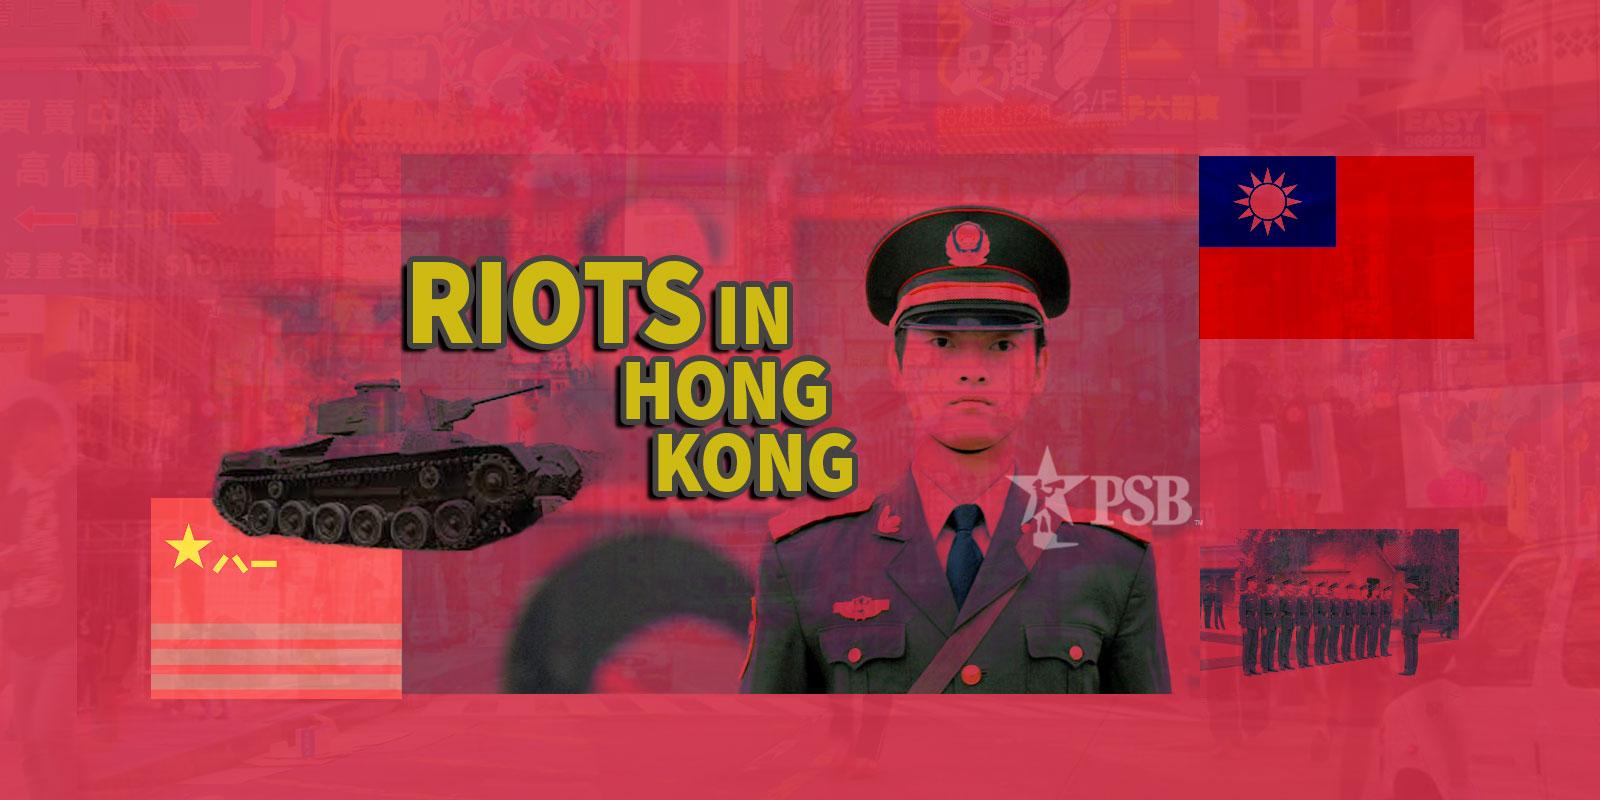 Hong Kong Protests Heating Up